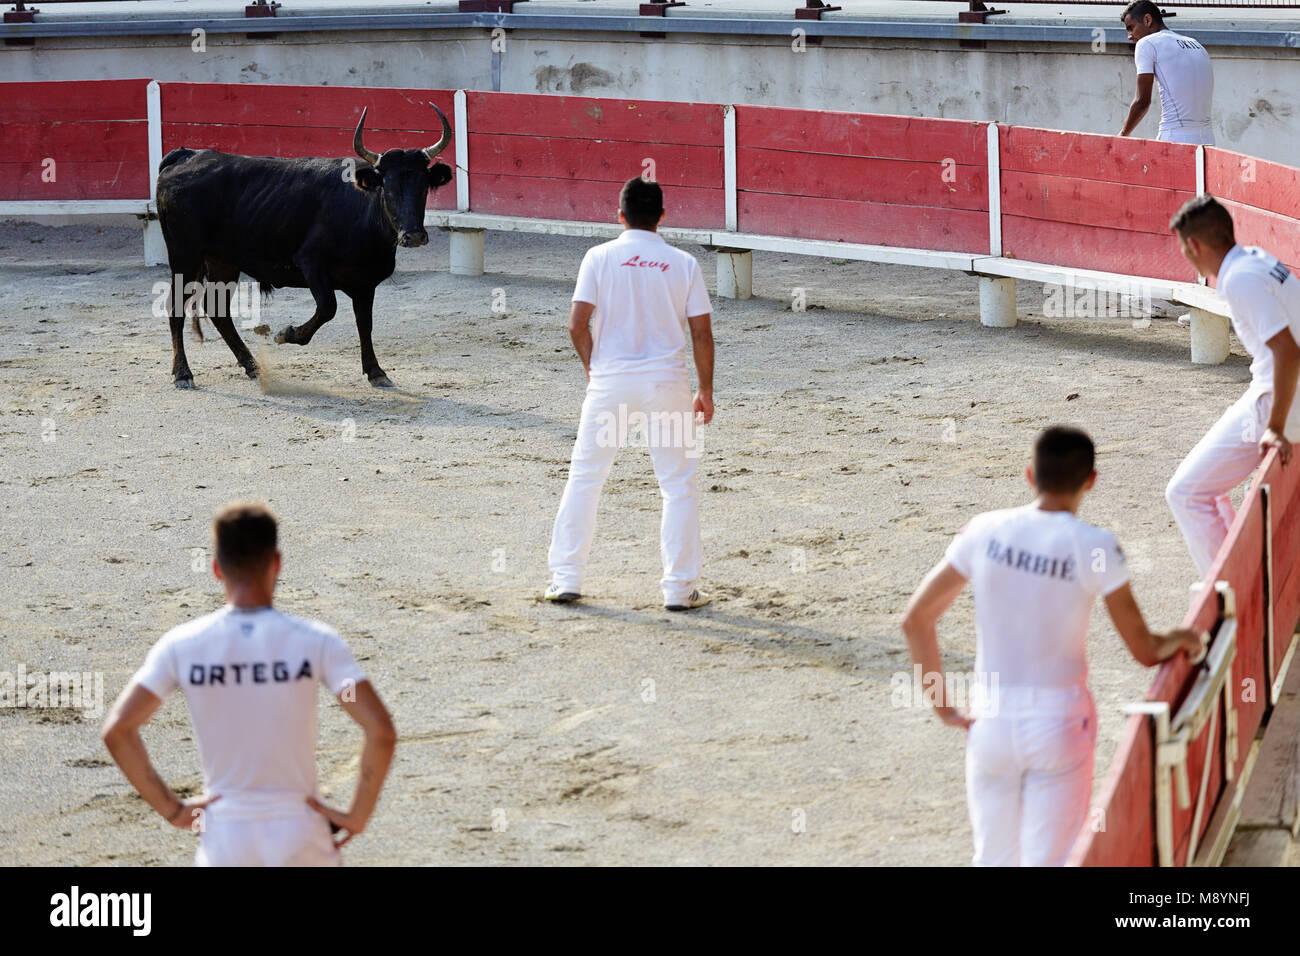 Toreros en el tradicional vestido blanco observando el toro negro en las  corridas de toros en e8f6e463f21